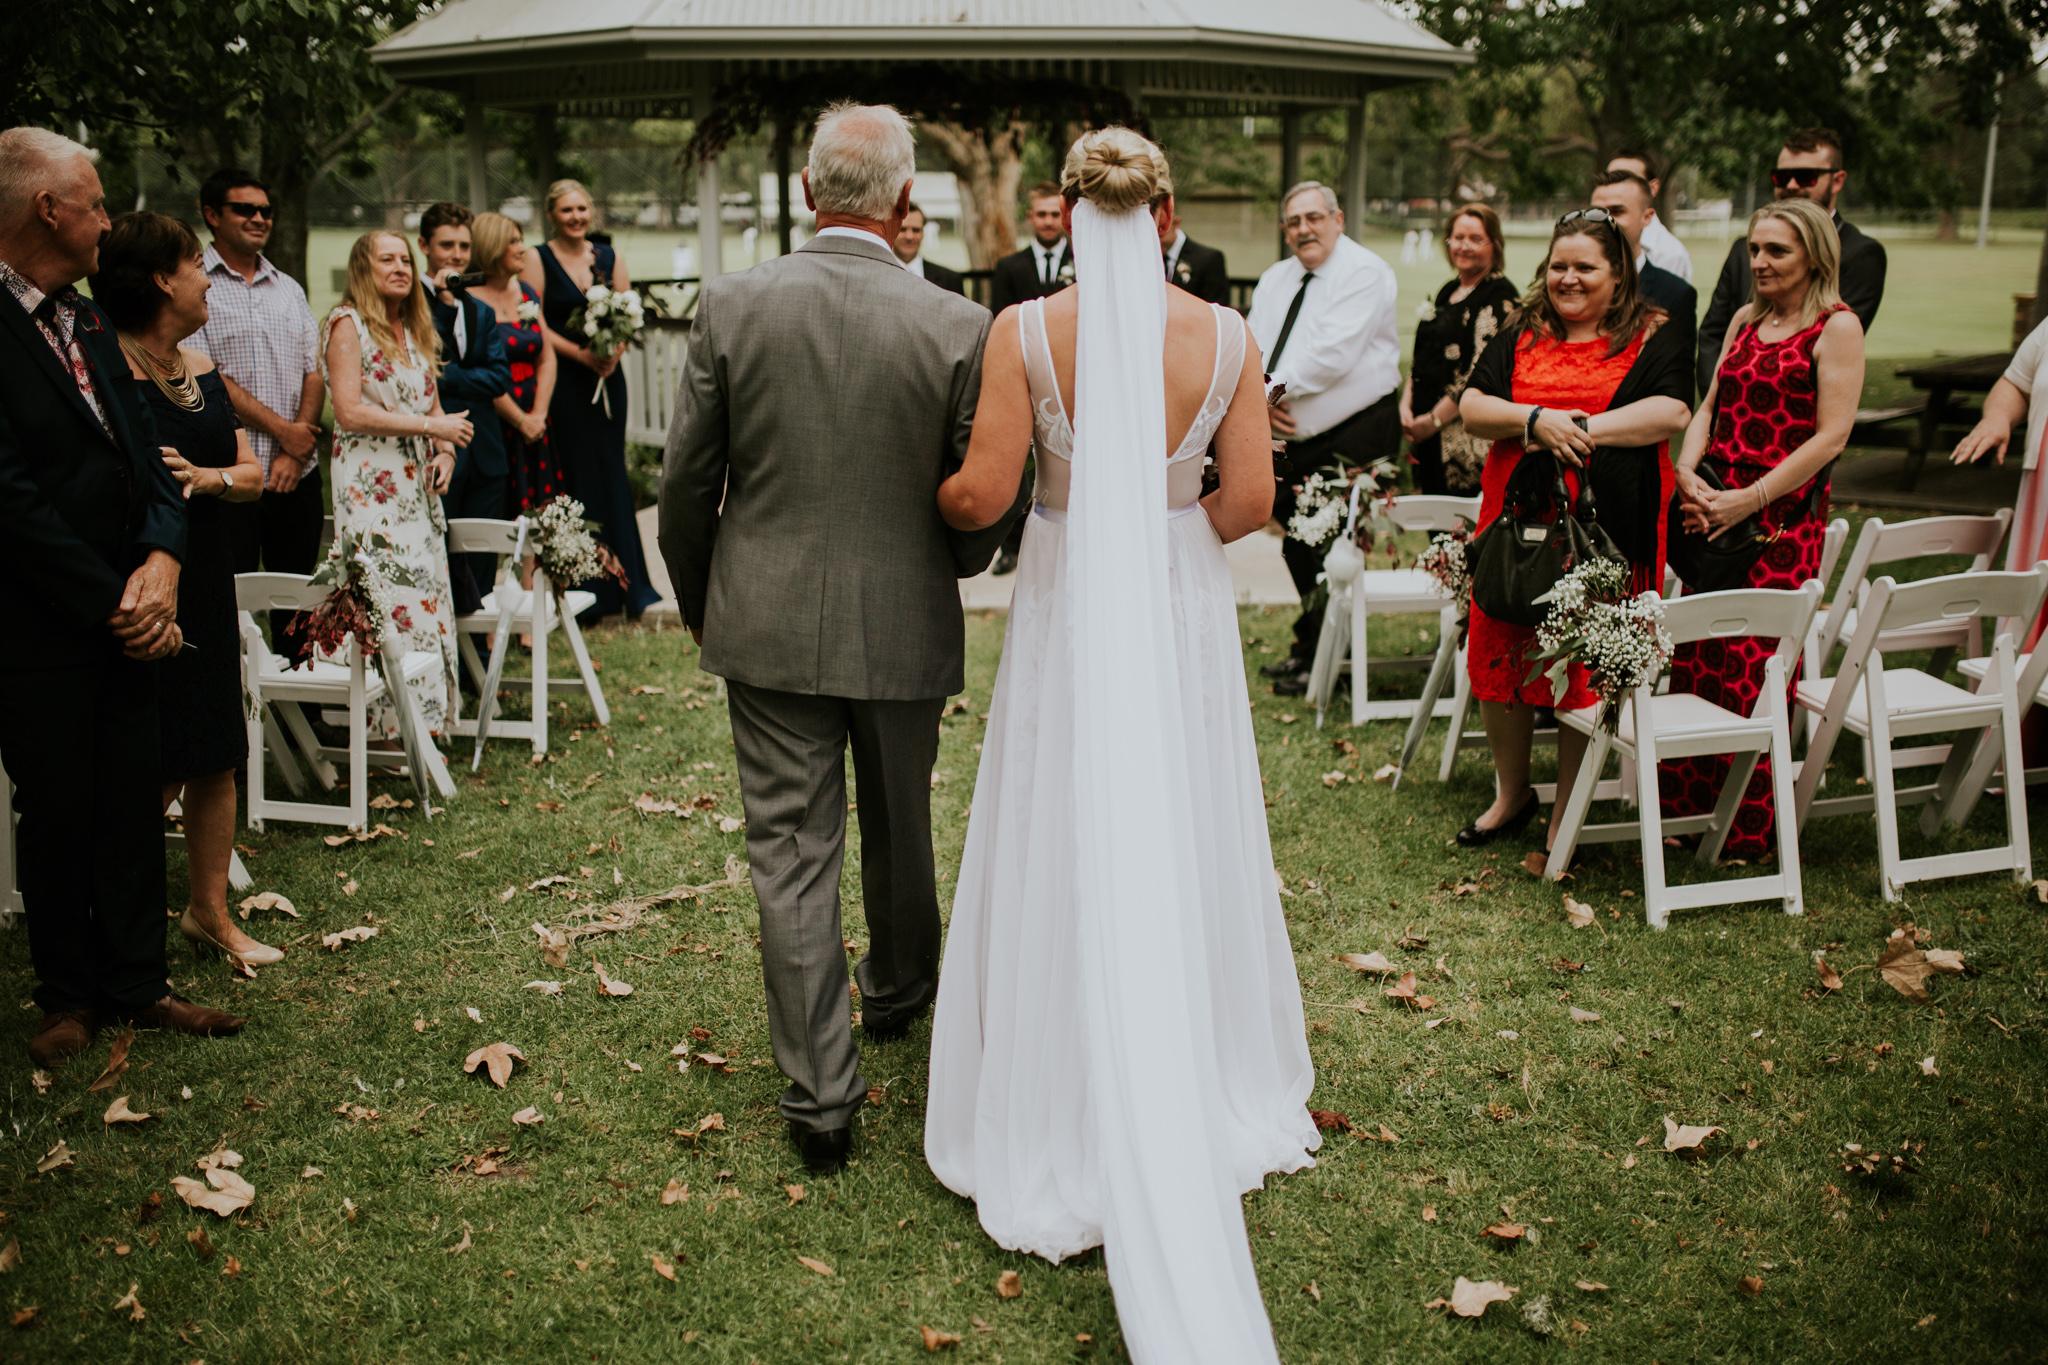 Lucy+Kyle+Kiama+Sebel+wedding-62.jpg